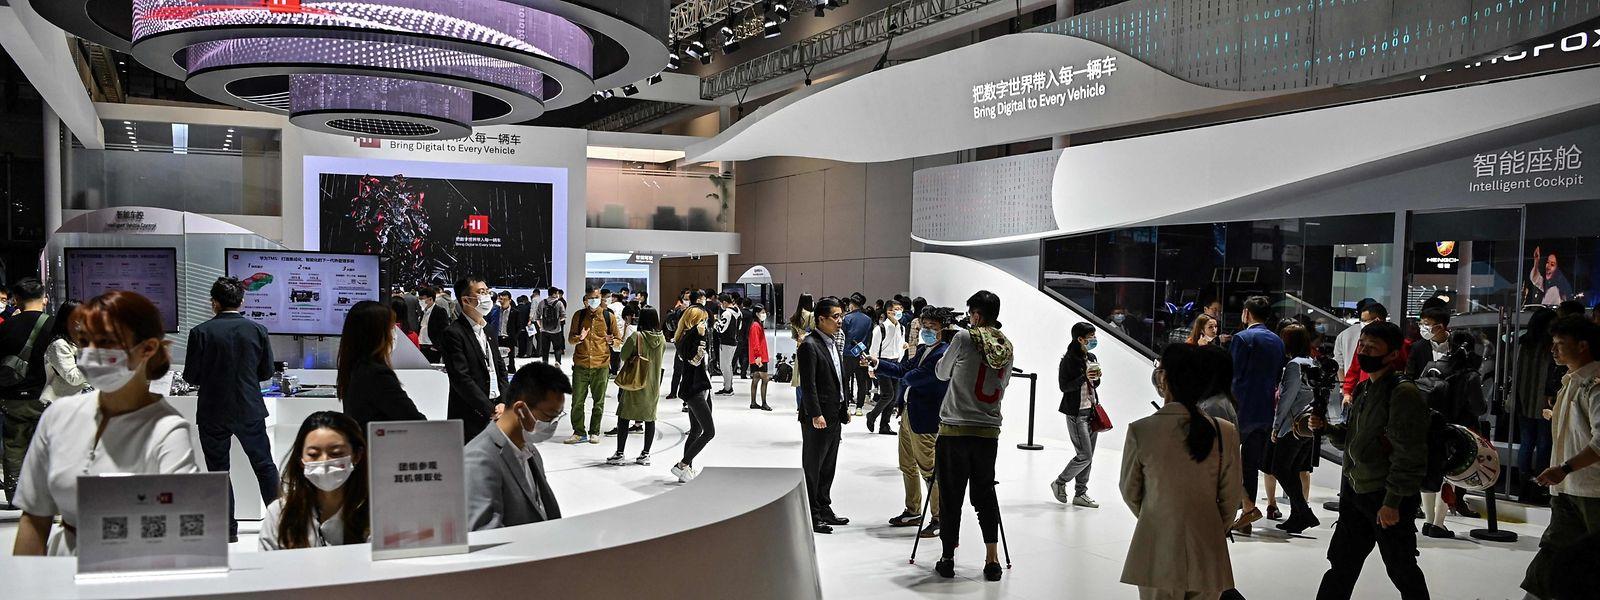 Der Huawei-Stand auf der Autoausstellung in Shanghai.